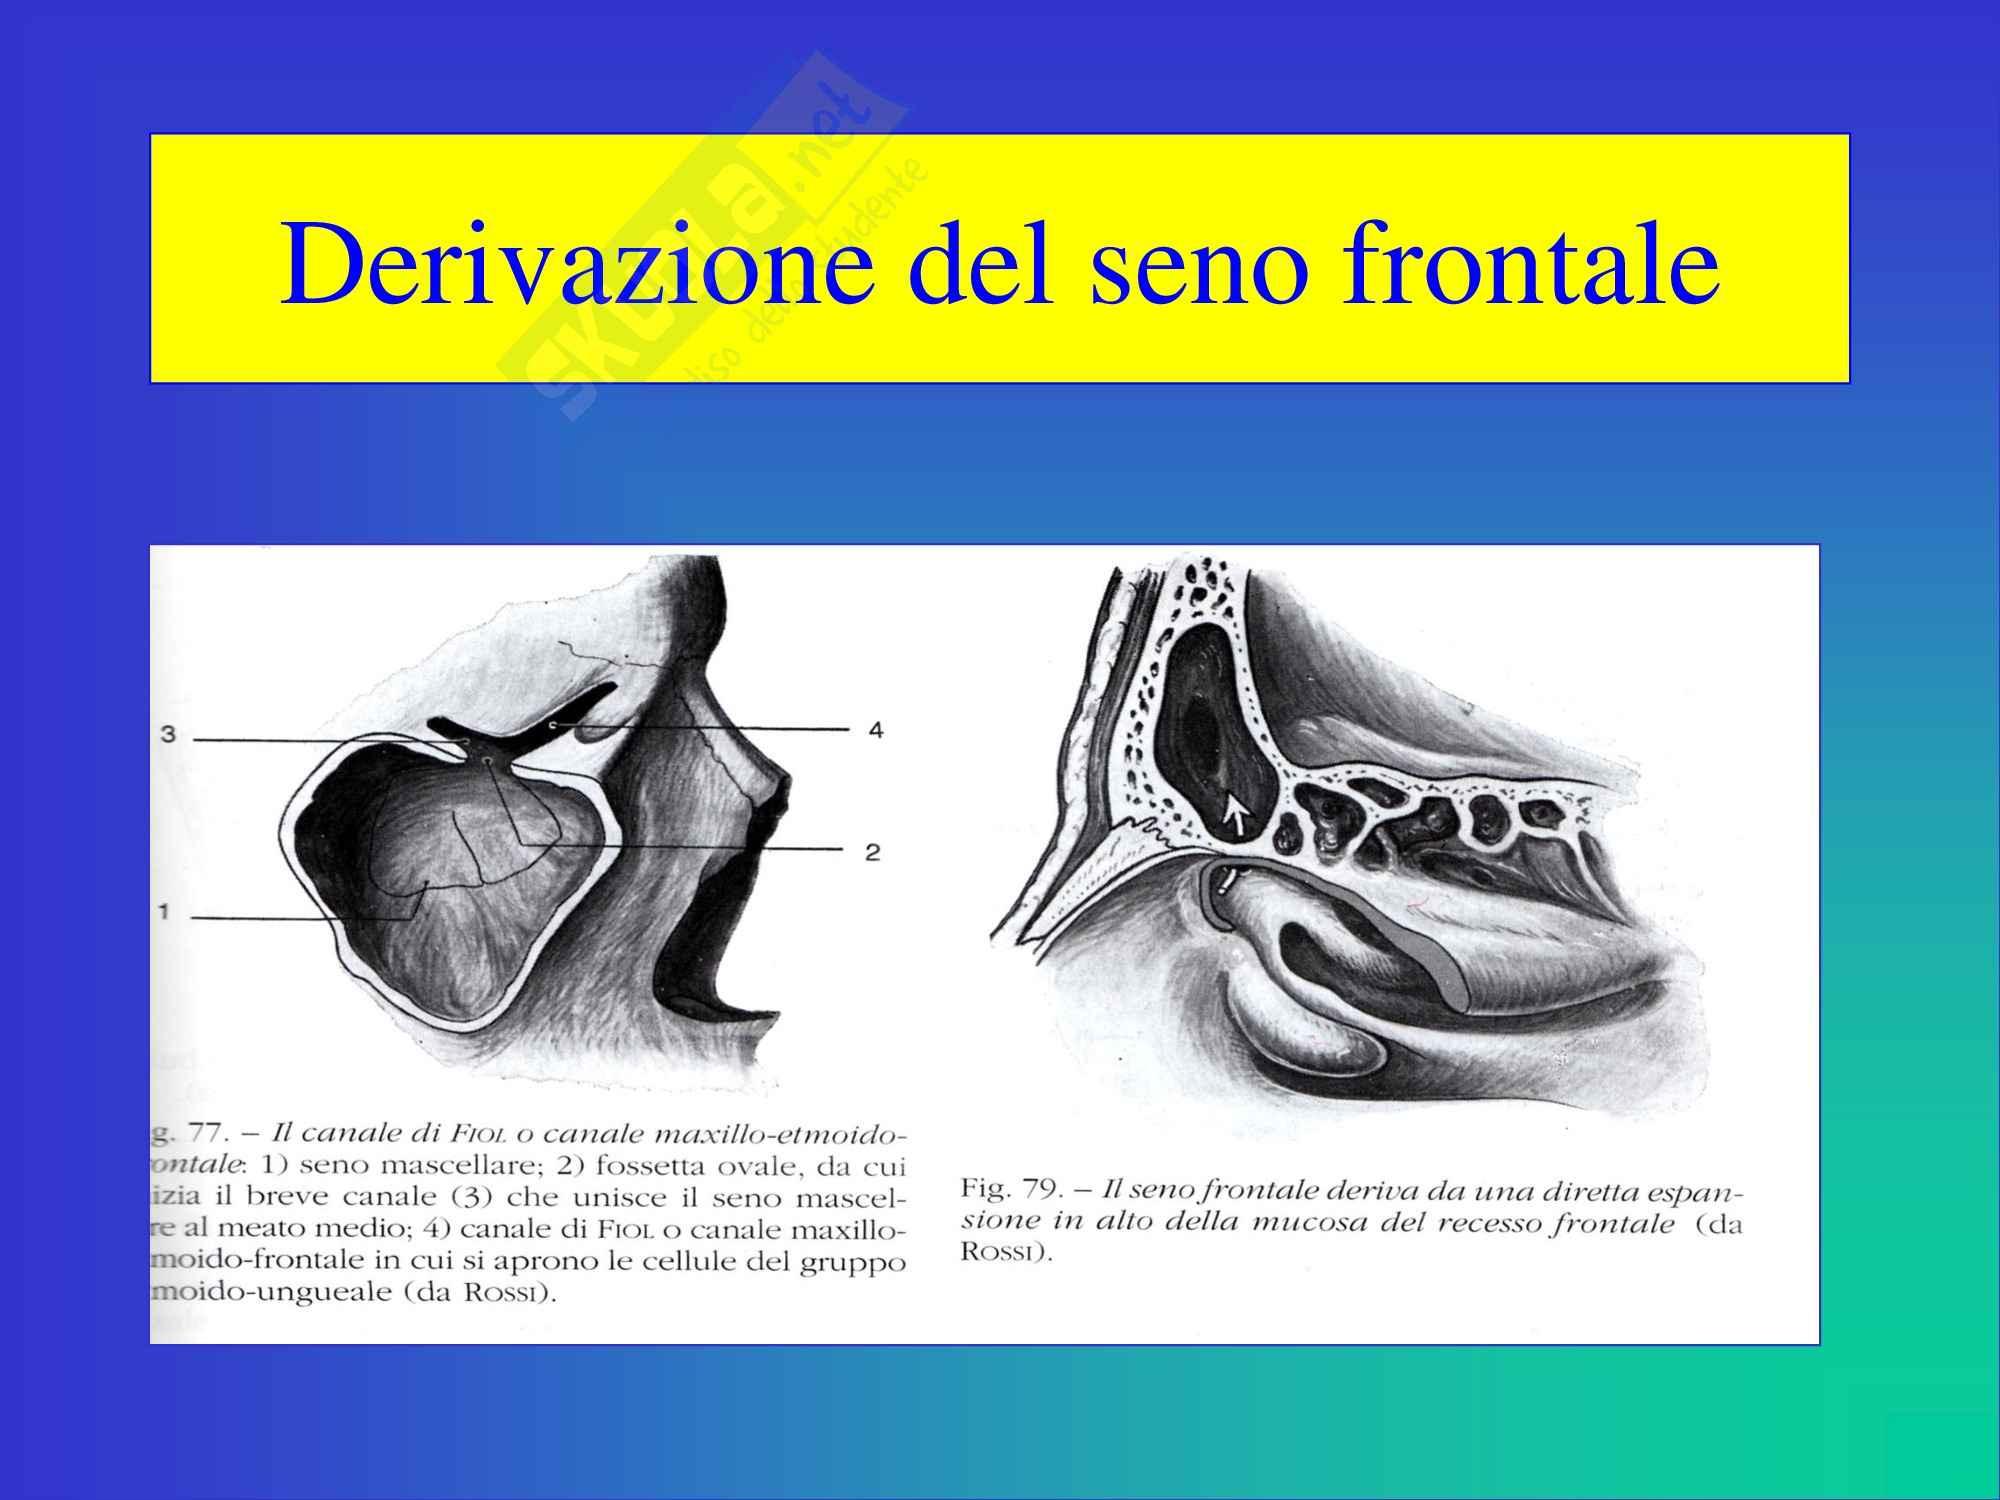 Otorinolaringoiatria - Anatomia e Fisiologia del Naso e Seni Paranasali Pag. 31